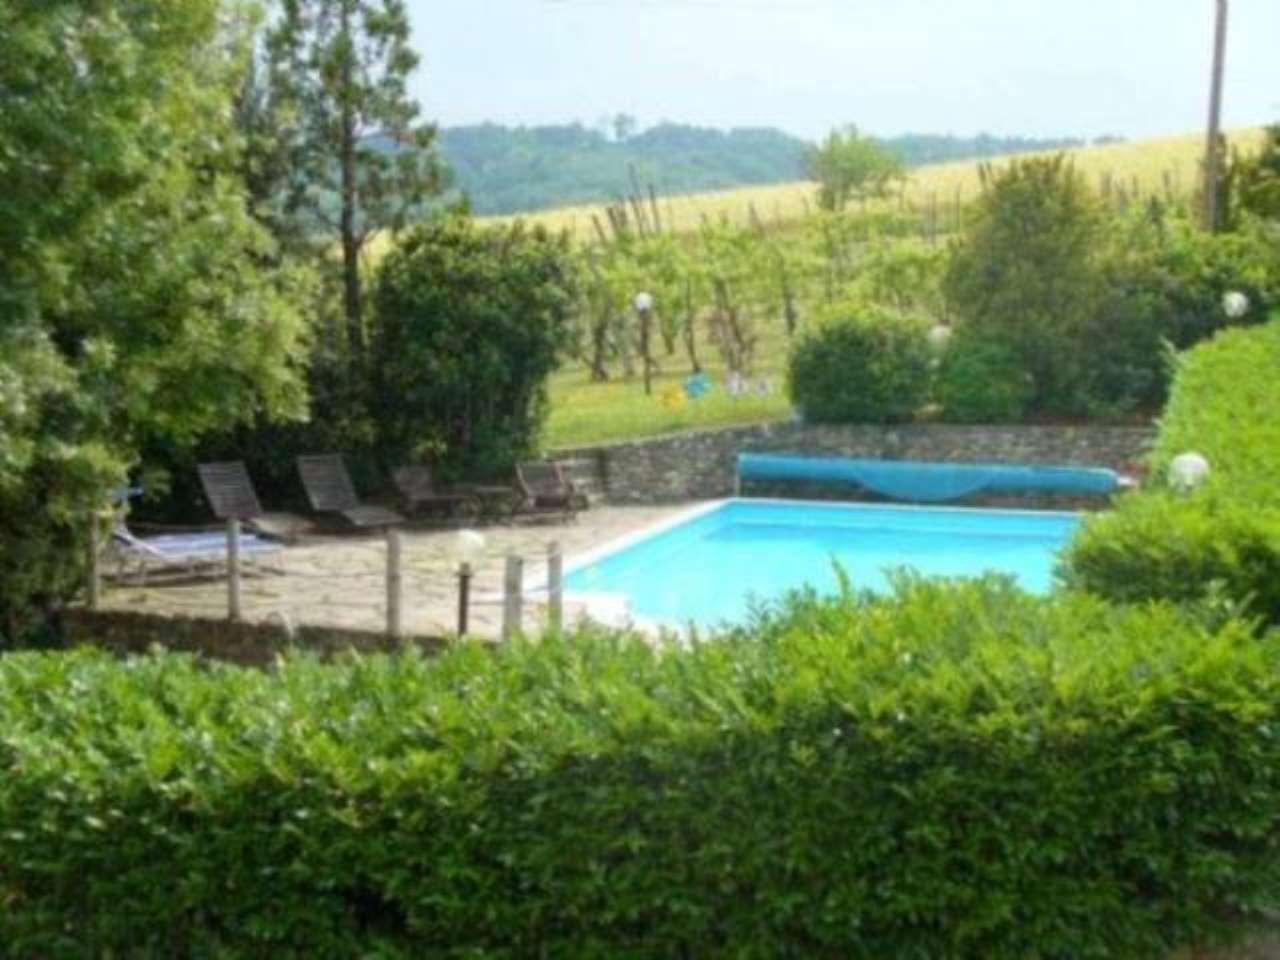 Villa in vendita a Sasso Marconi, 6 locali, prezzo € 1.375.000 | CambioCasa.it